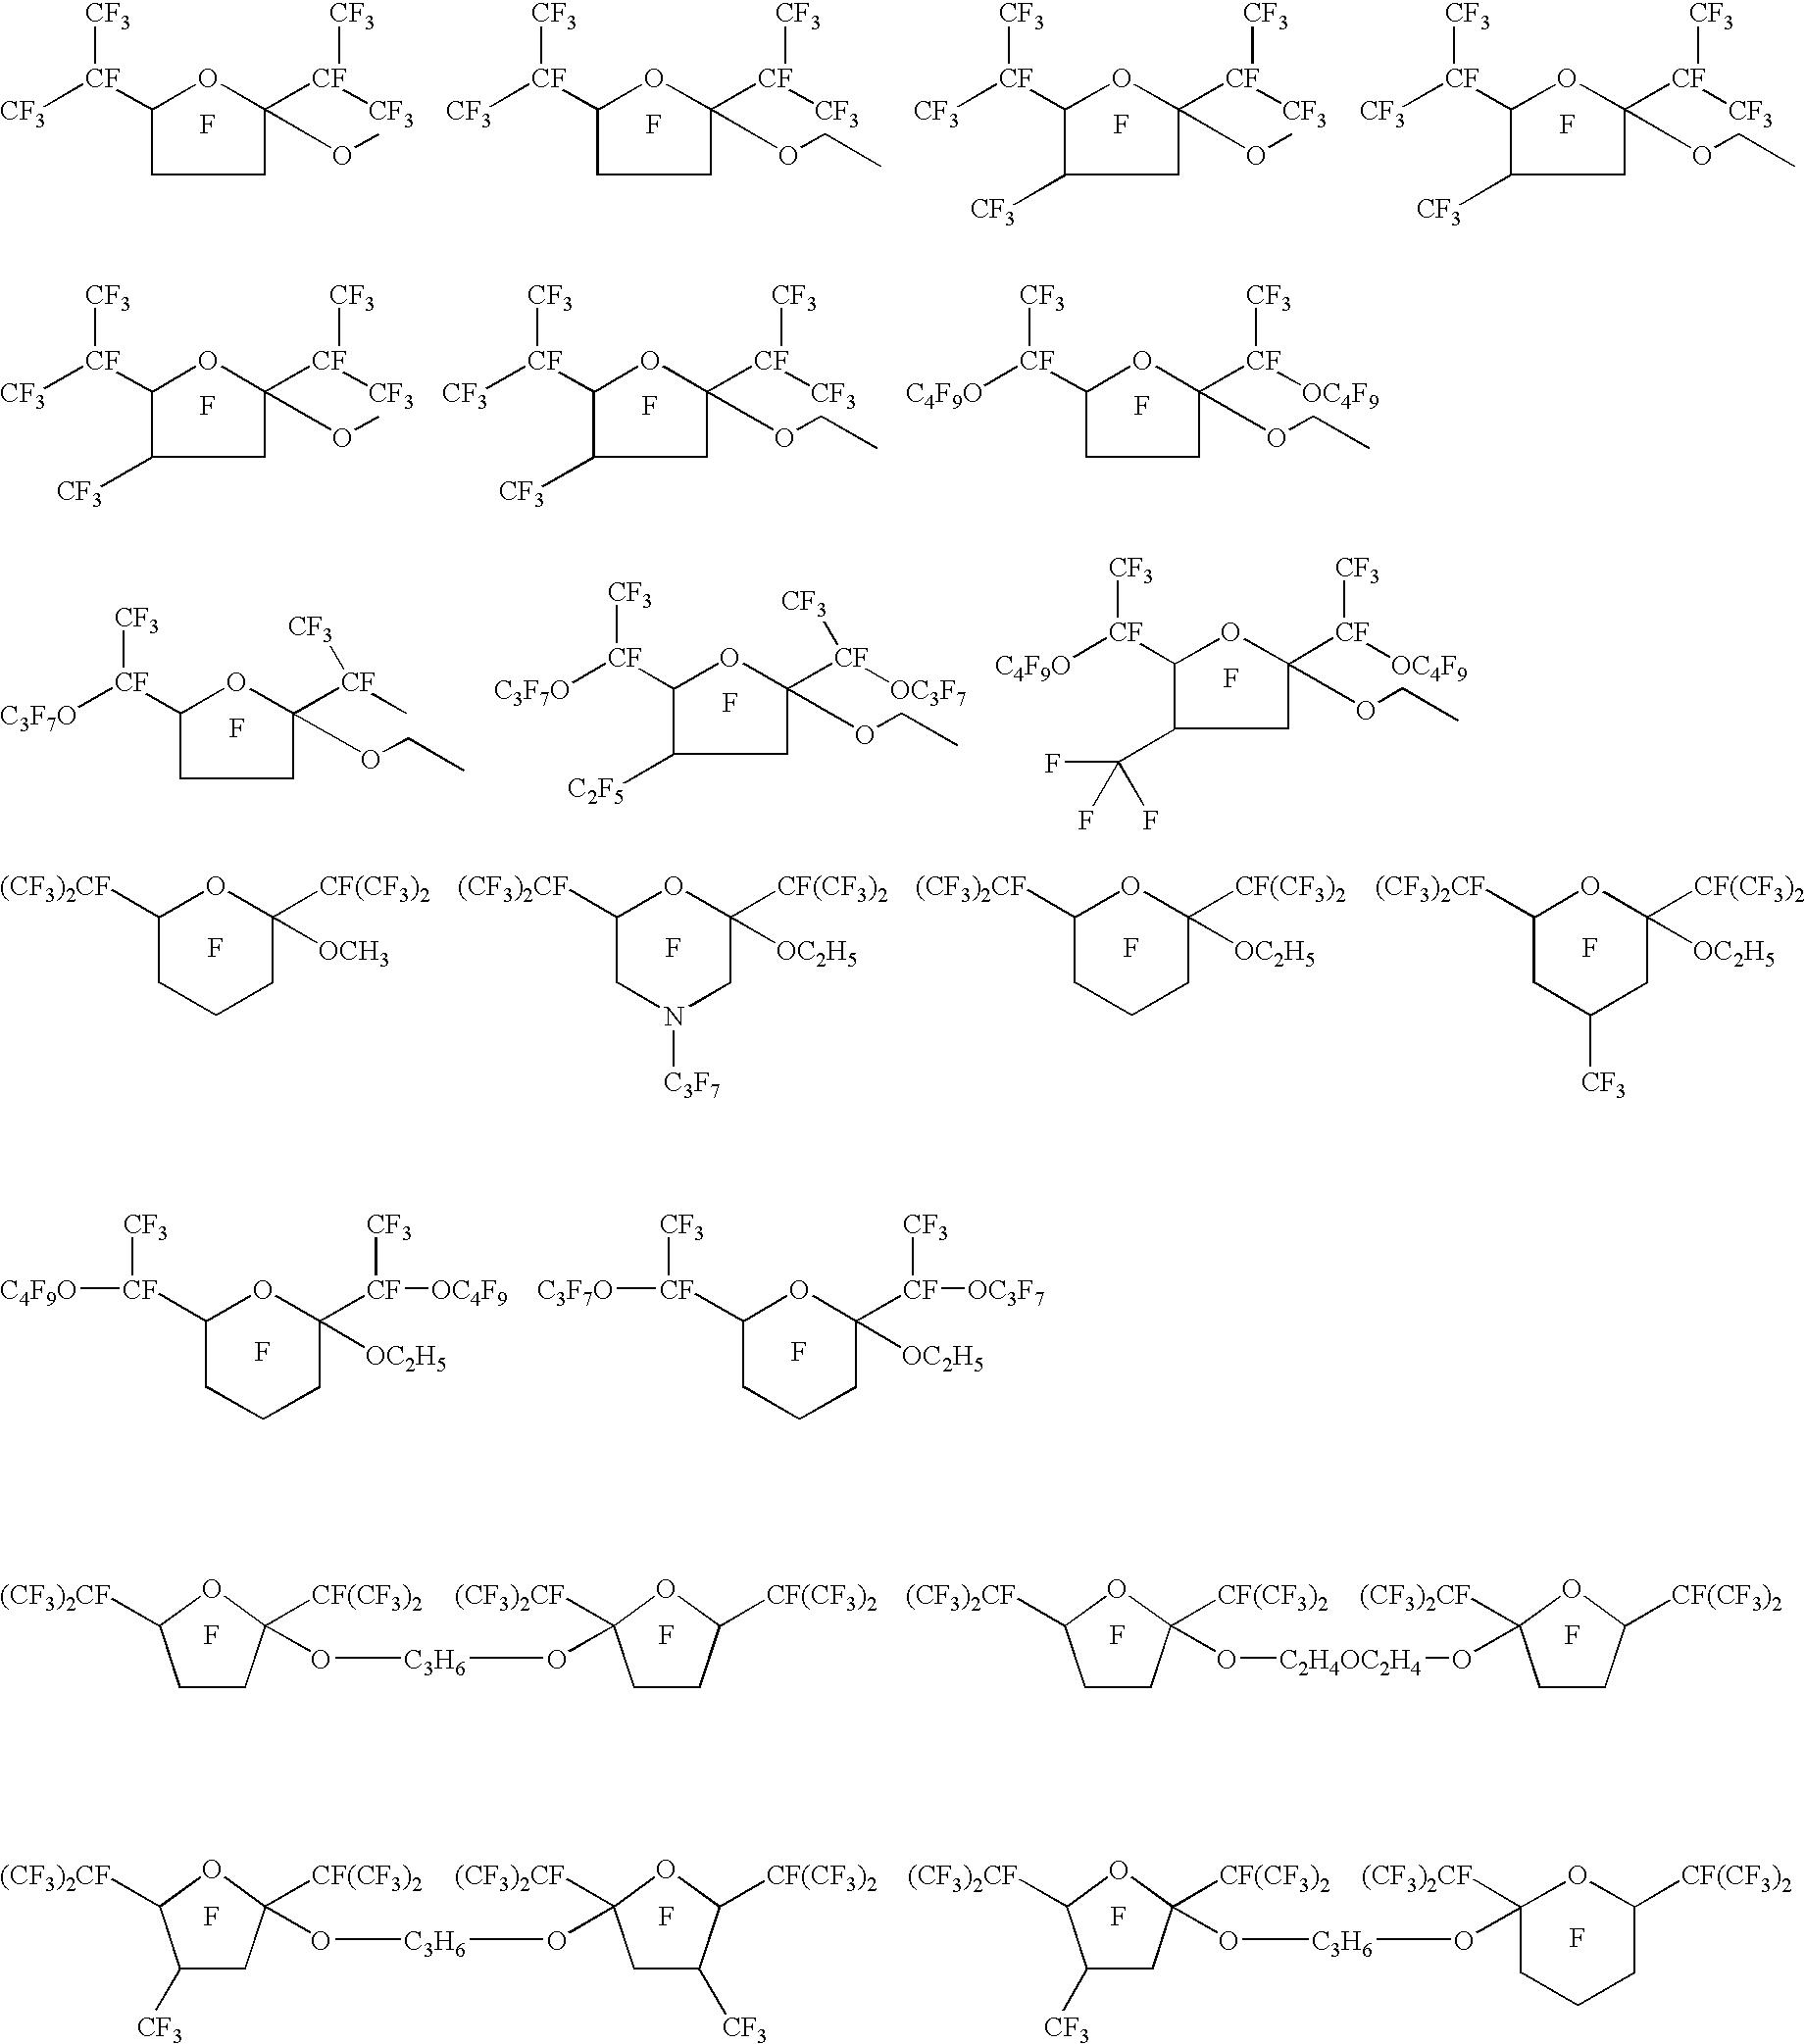 Figure US20070267464A1-20071122-C00025